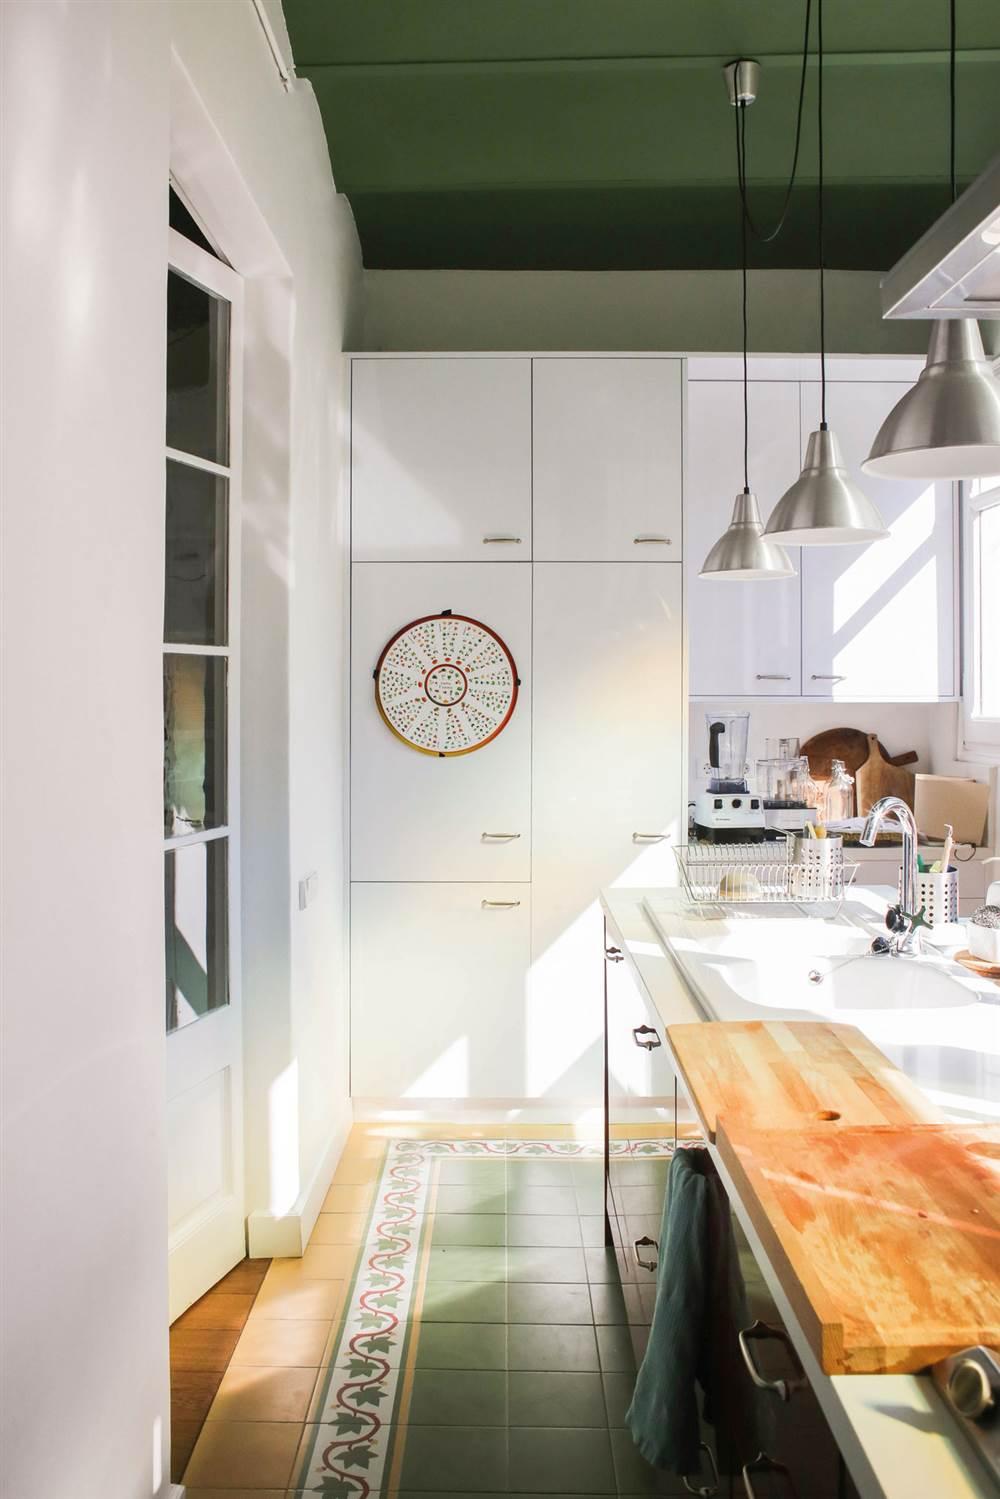 Elige el suelo m s resistente para tu cocina - Amueblar casa por 1000 euros ...